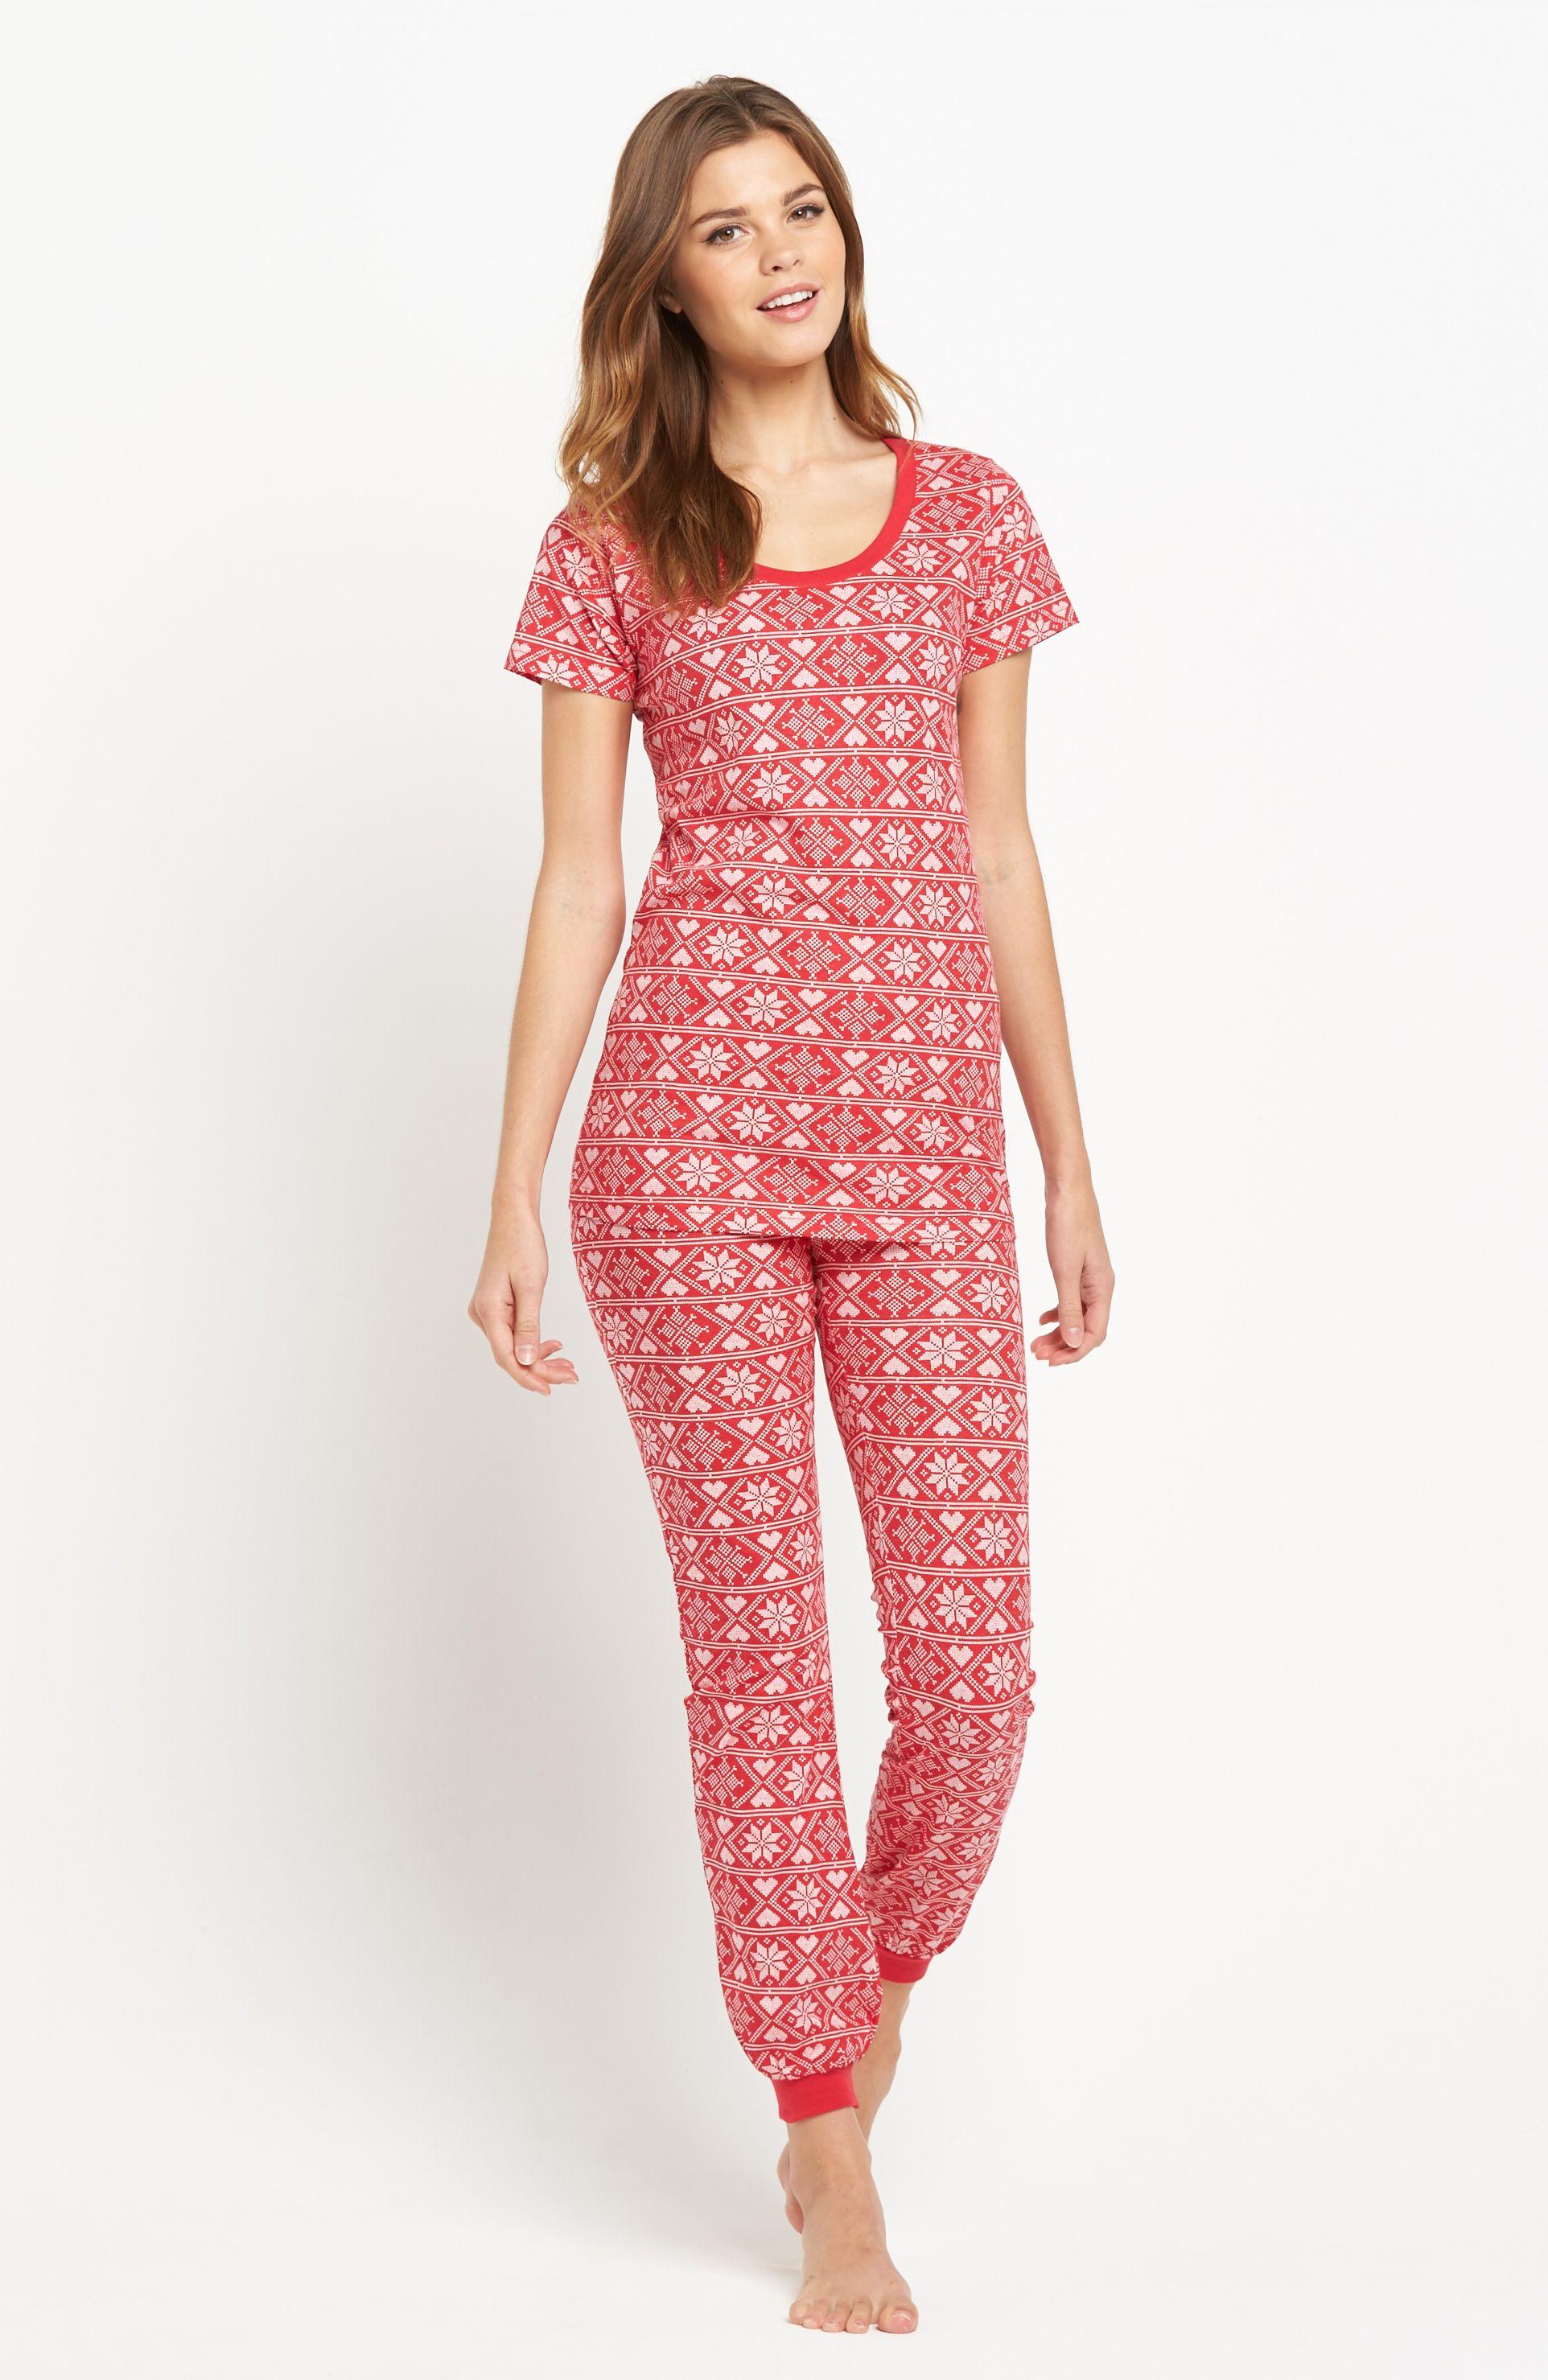 2-dielne pyžamo s pekným vzorom od značky Sorbet. Tričko s krátkymi rukávmi a…